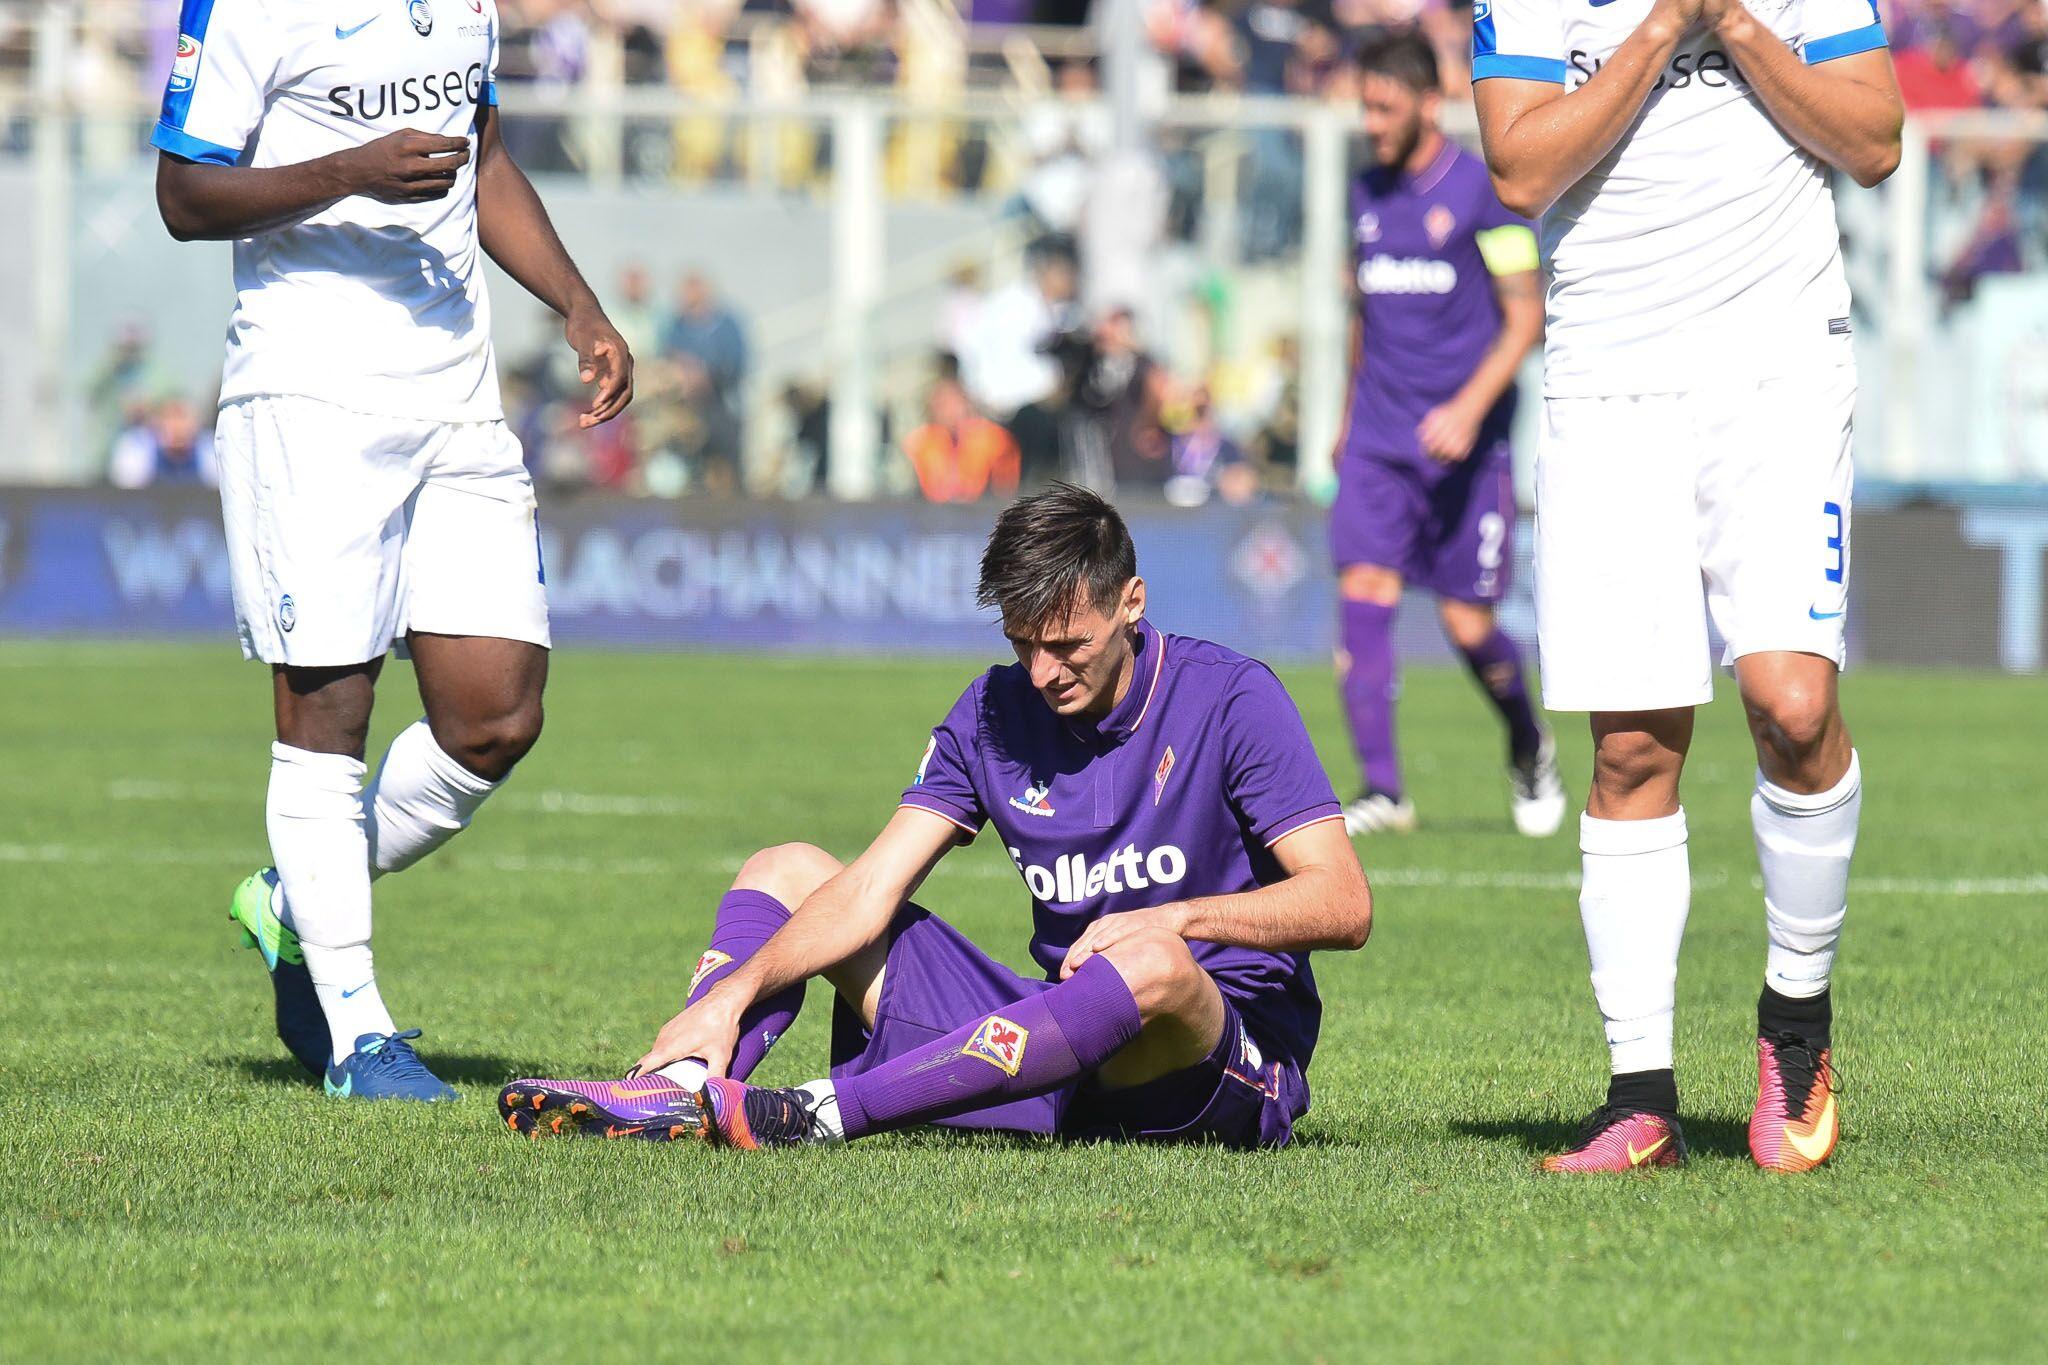 Fiorentina, where are you?